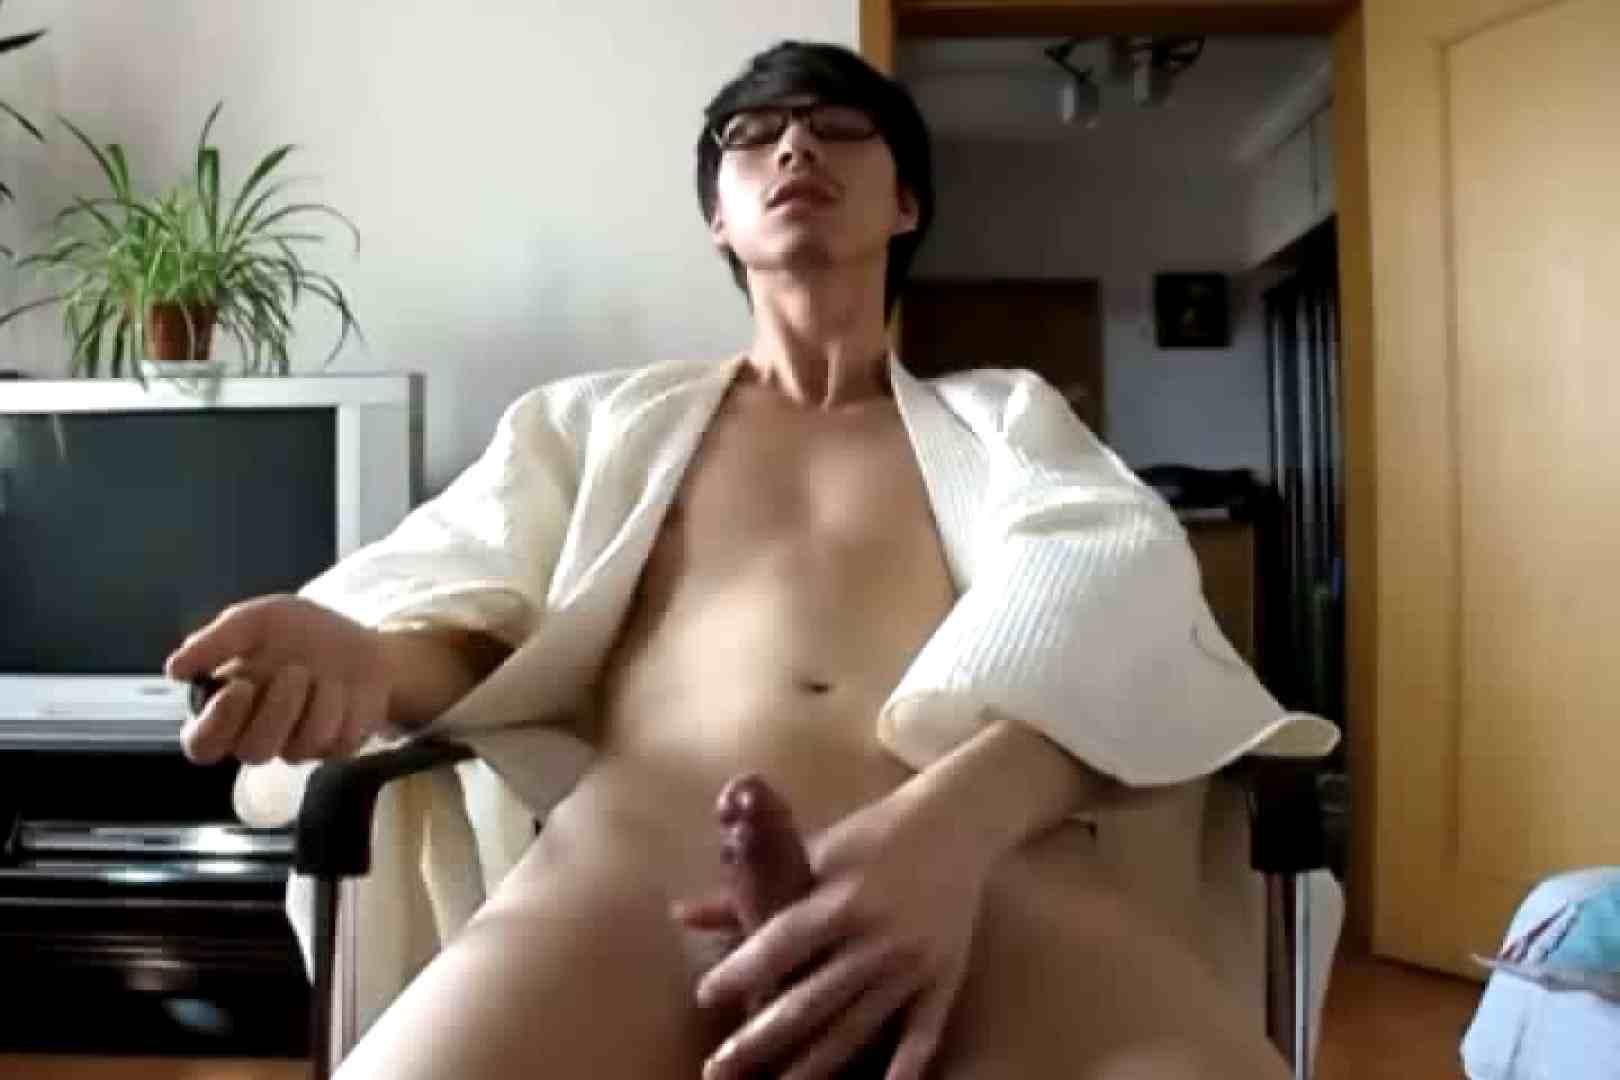 モテメン!!公開オナニー22 発射映像 | ゲイのオナニー映像  77枚 53